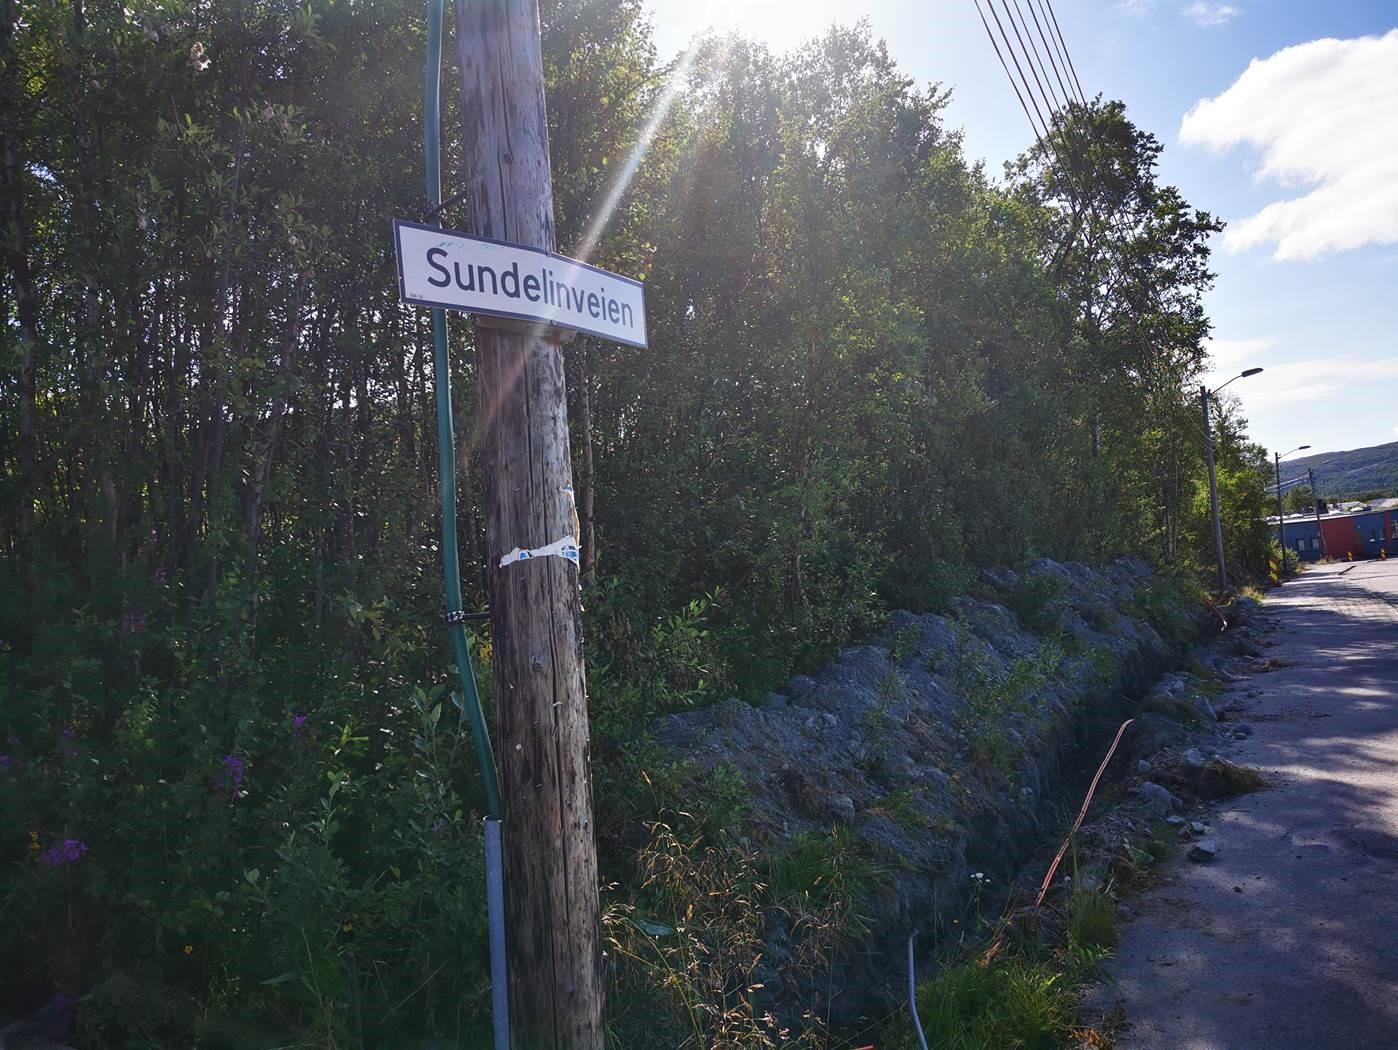 Gravearbeider i Sundelinveien i forbindelse med fiberfremføring i Bjørnevatn